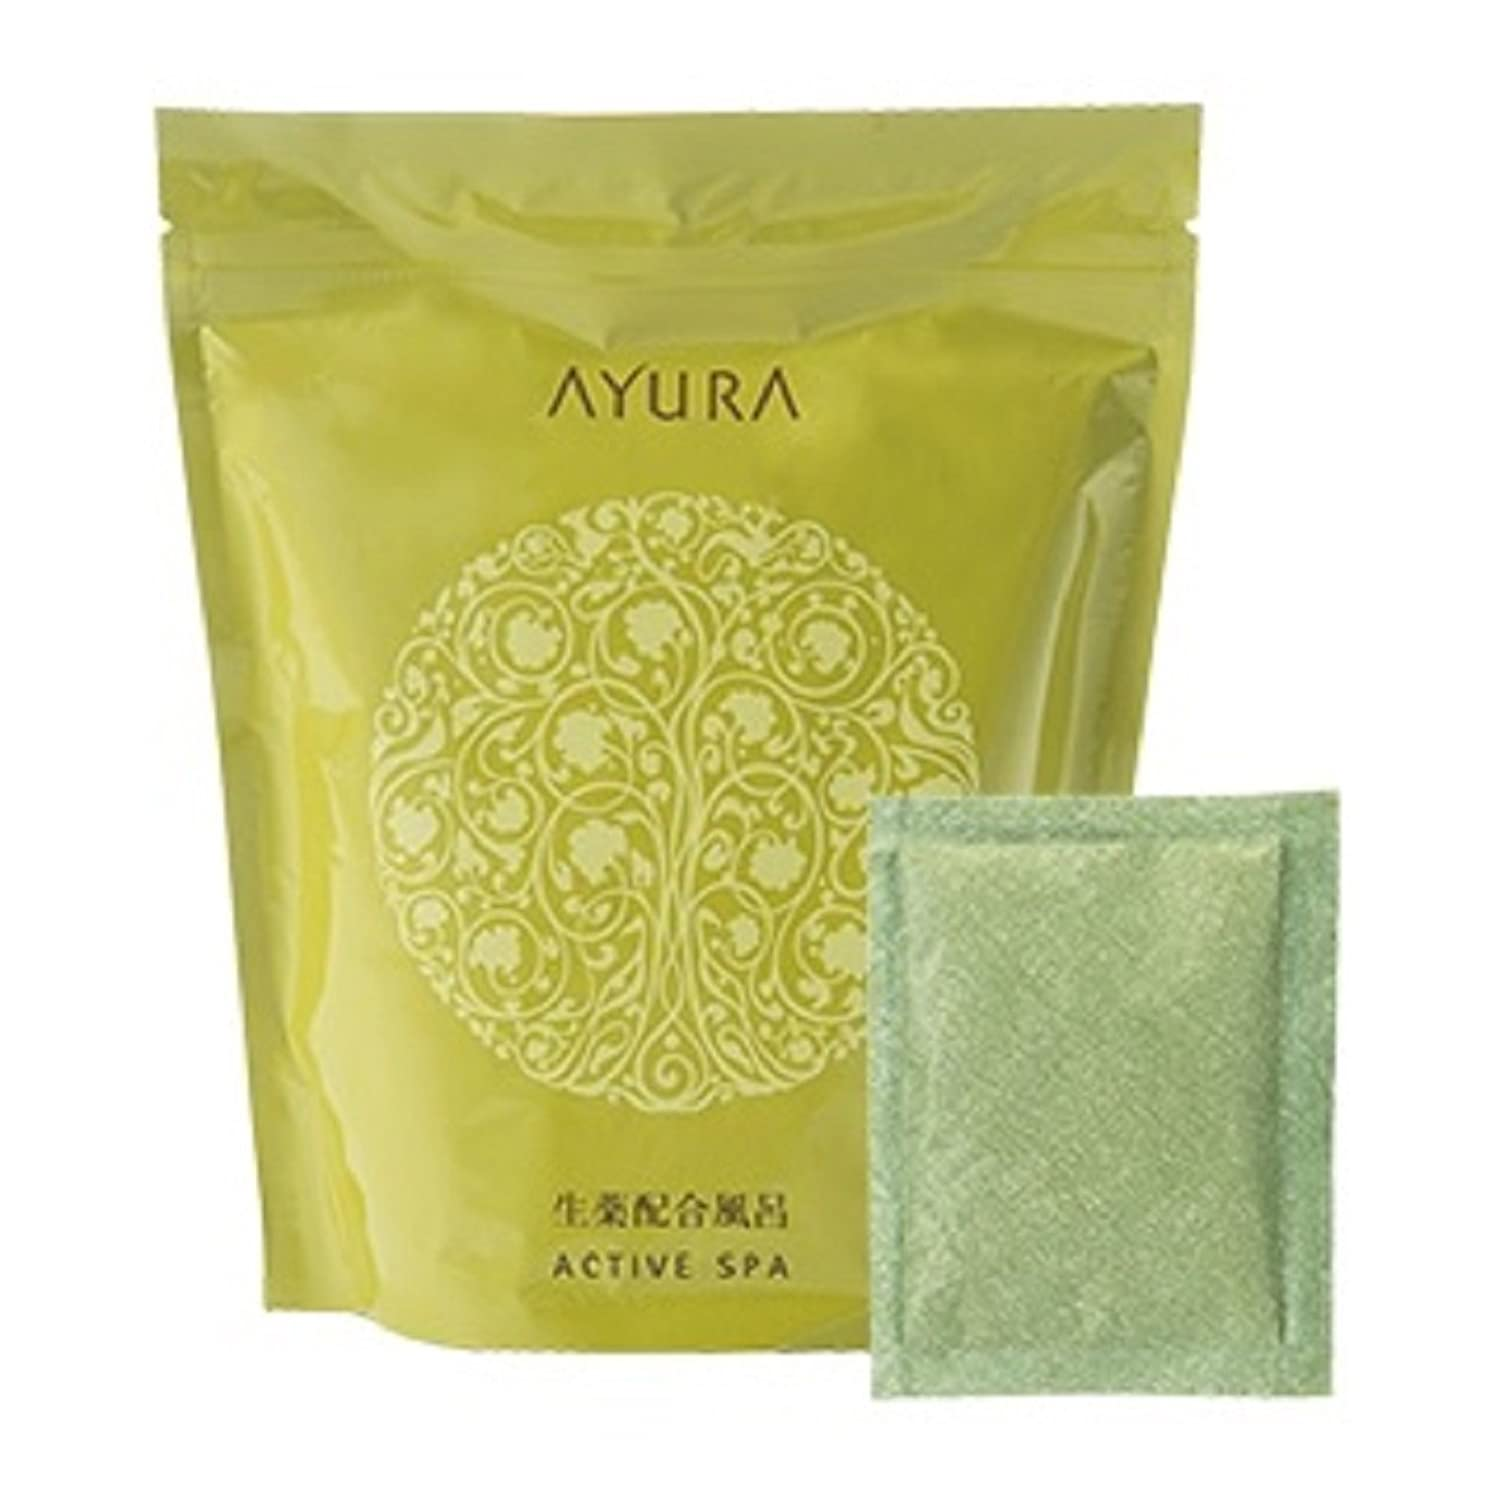 メイドそっとセーブアユーラ (AYURA) アクティブスパα 30g 10包入 (医薬部外品) 〈薬用 入浴剤〉